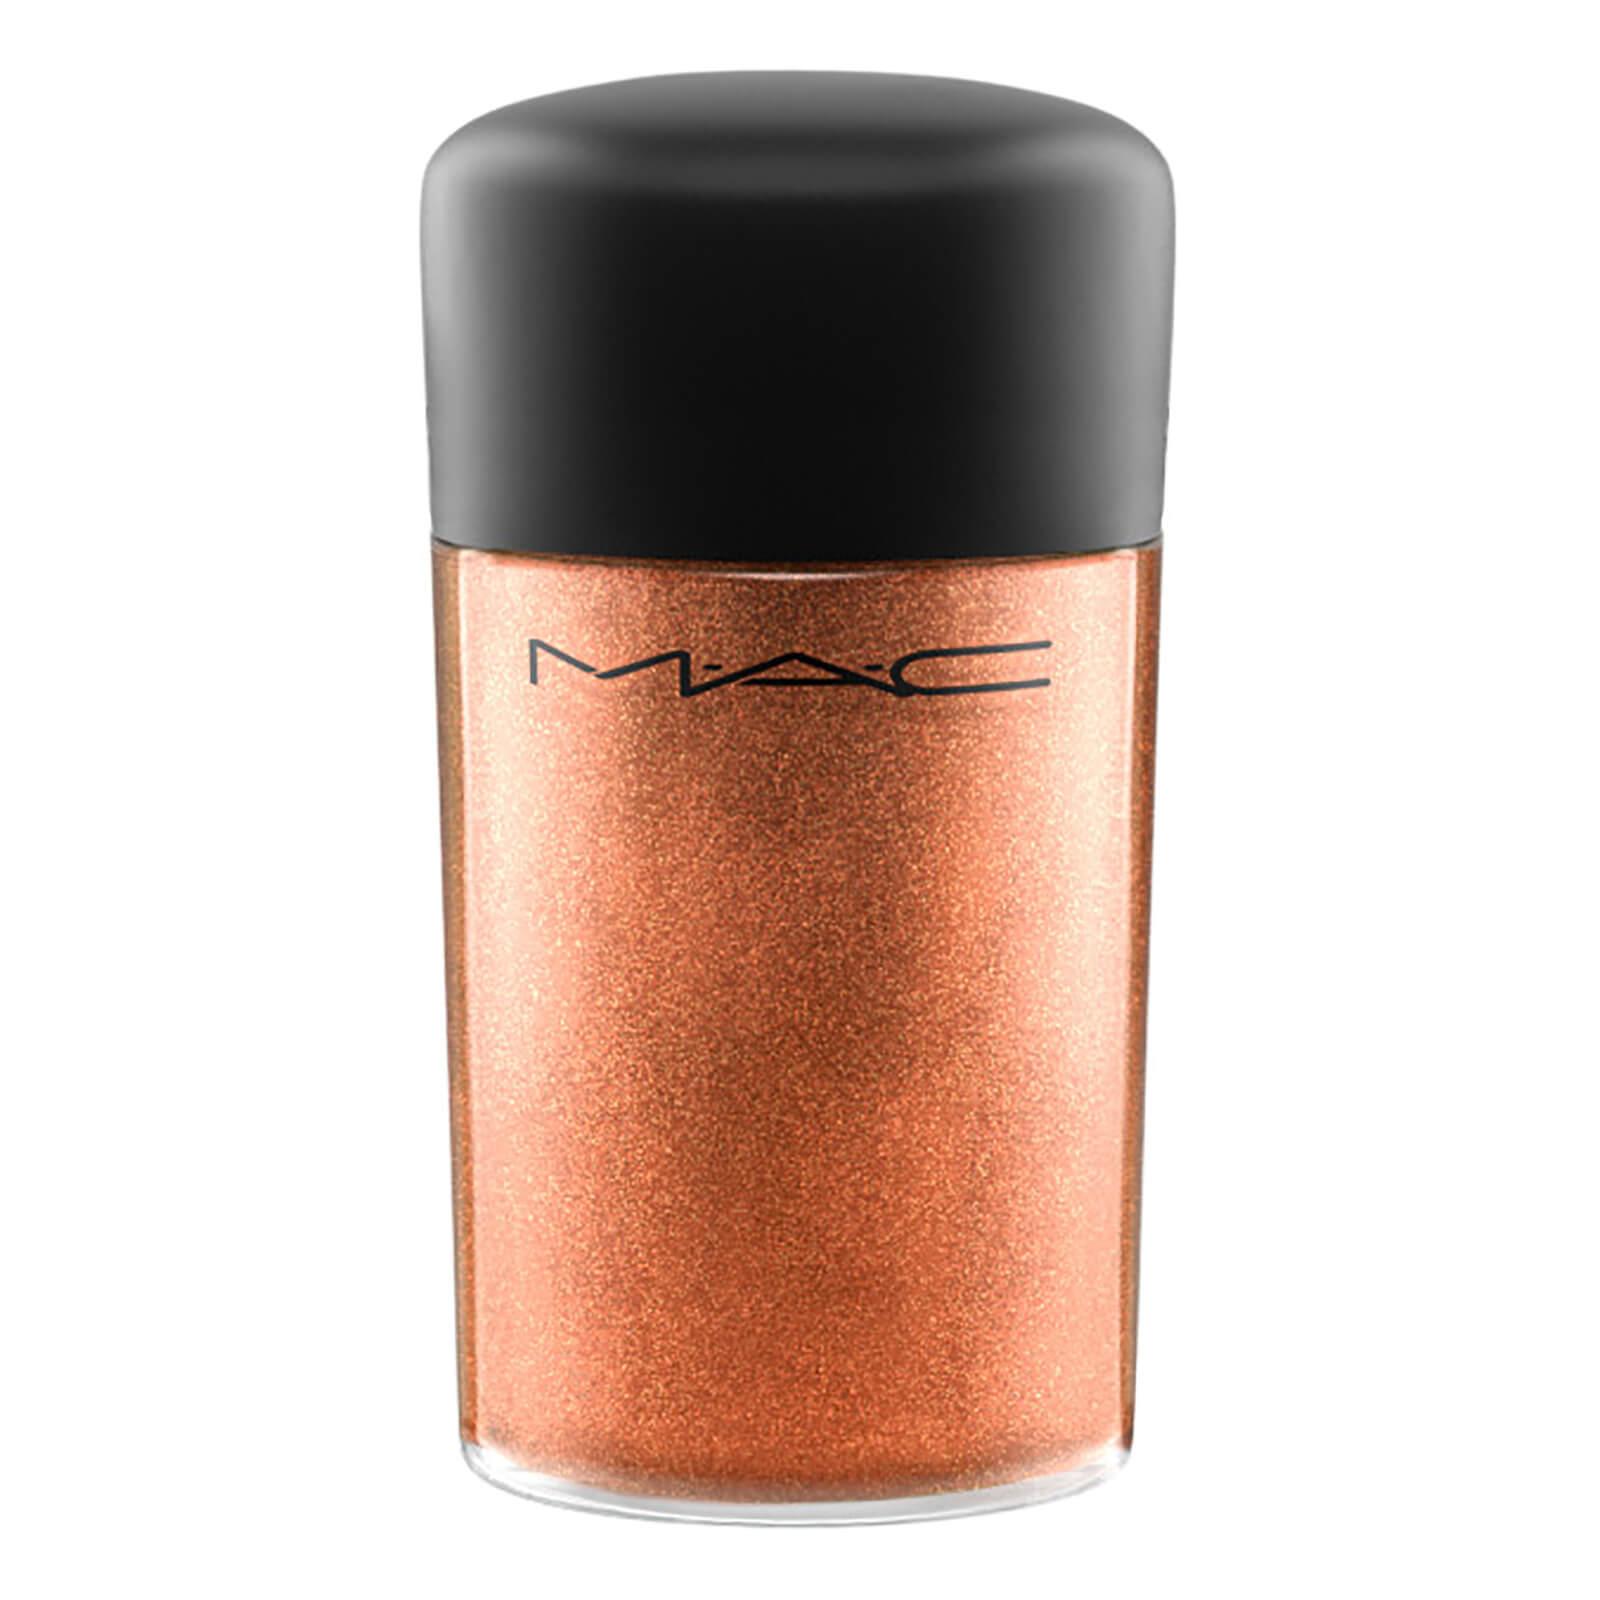 MAC Pigment Colour Powder (Various Shades) - Copper Sparkle